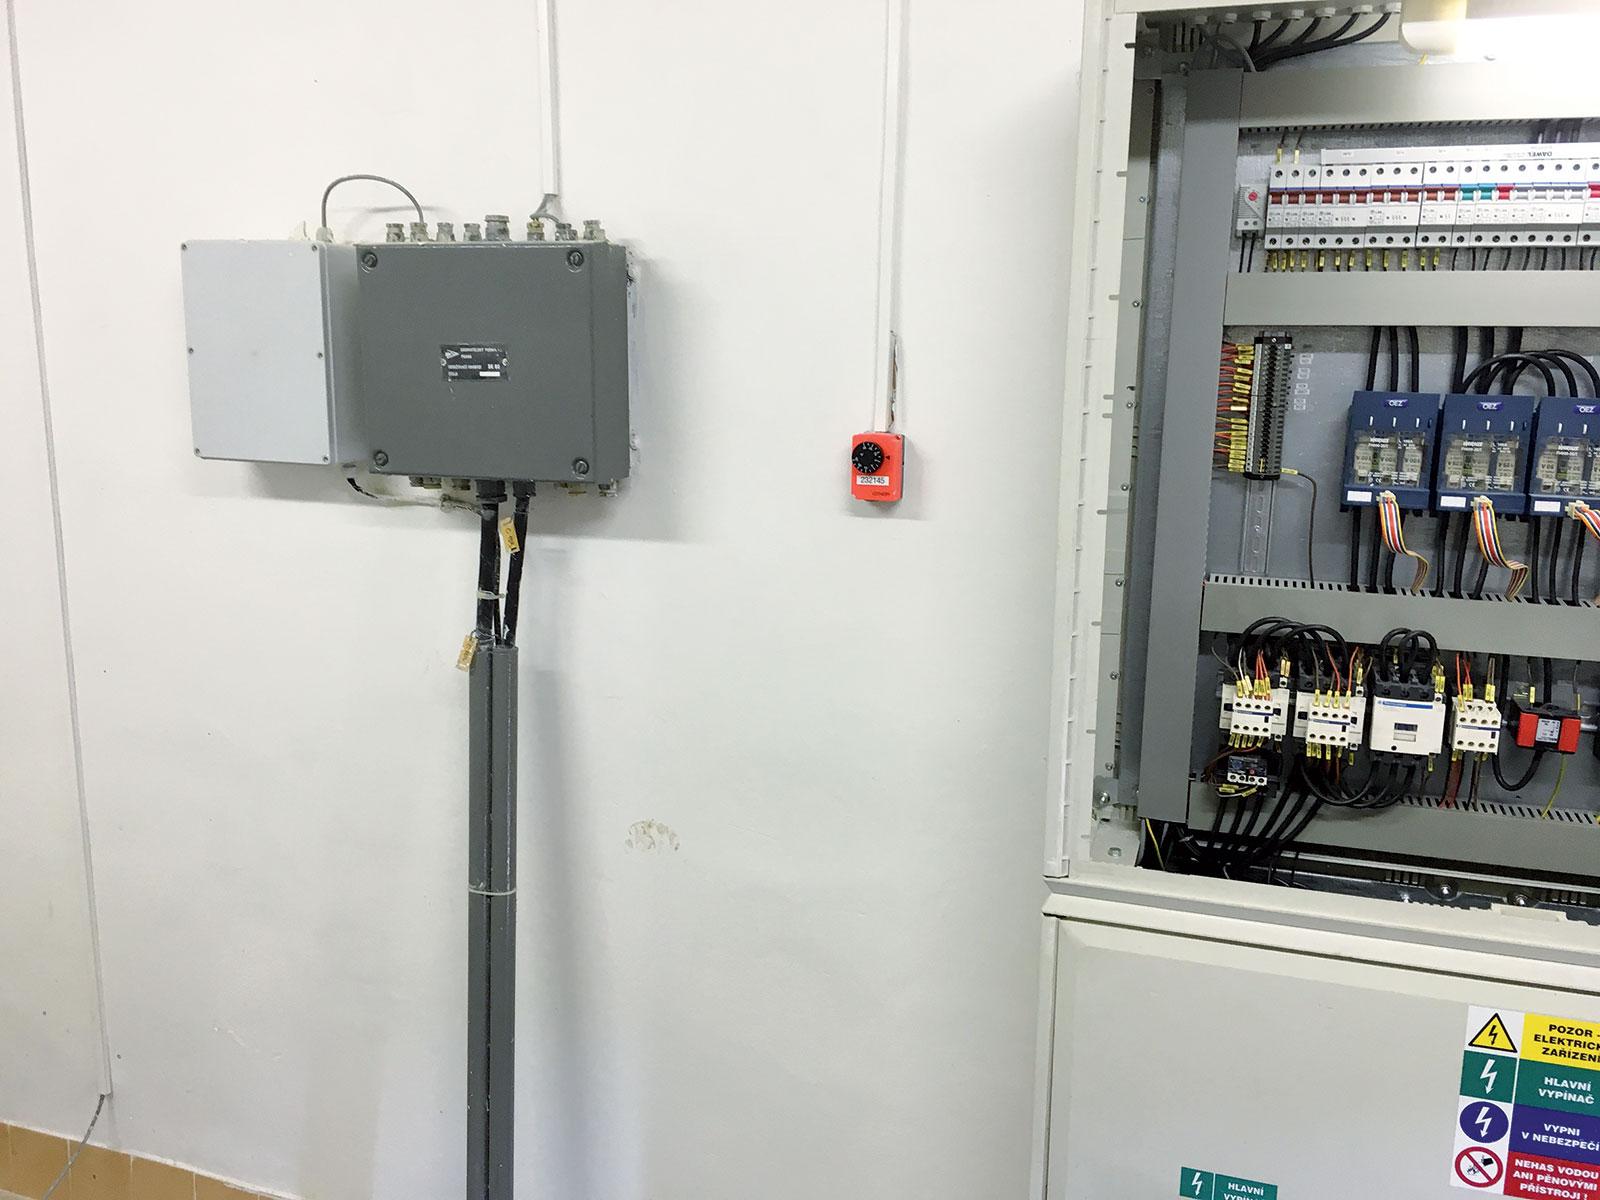 Obr. 2 Rozvaděč před instalací frekvenčního měniče